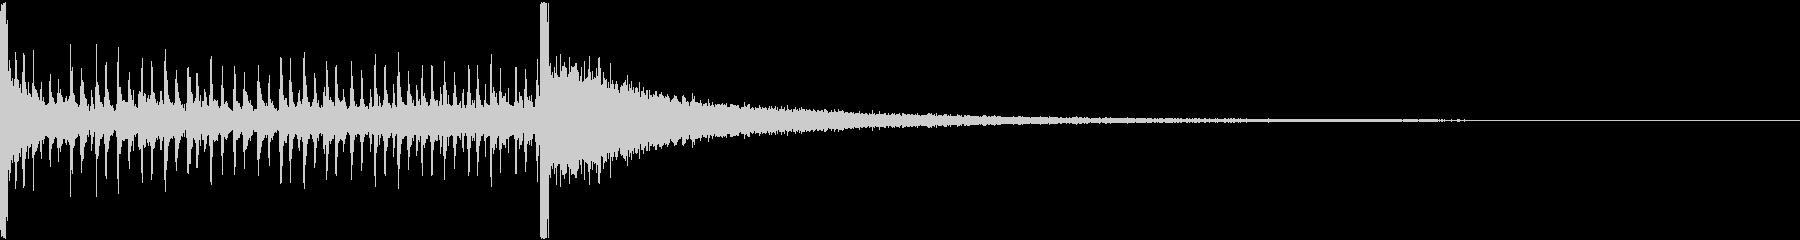 ドラムロールBの未再生の波形